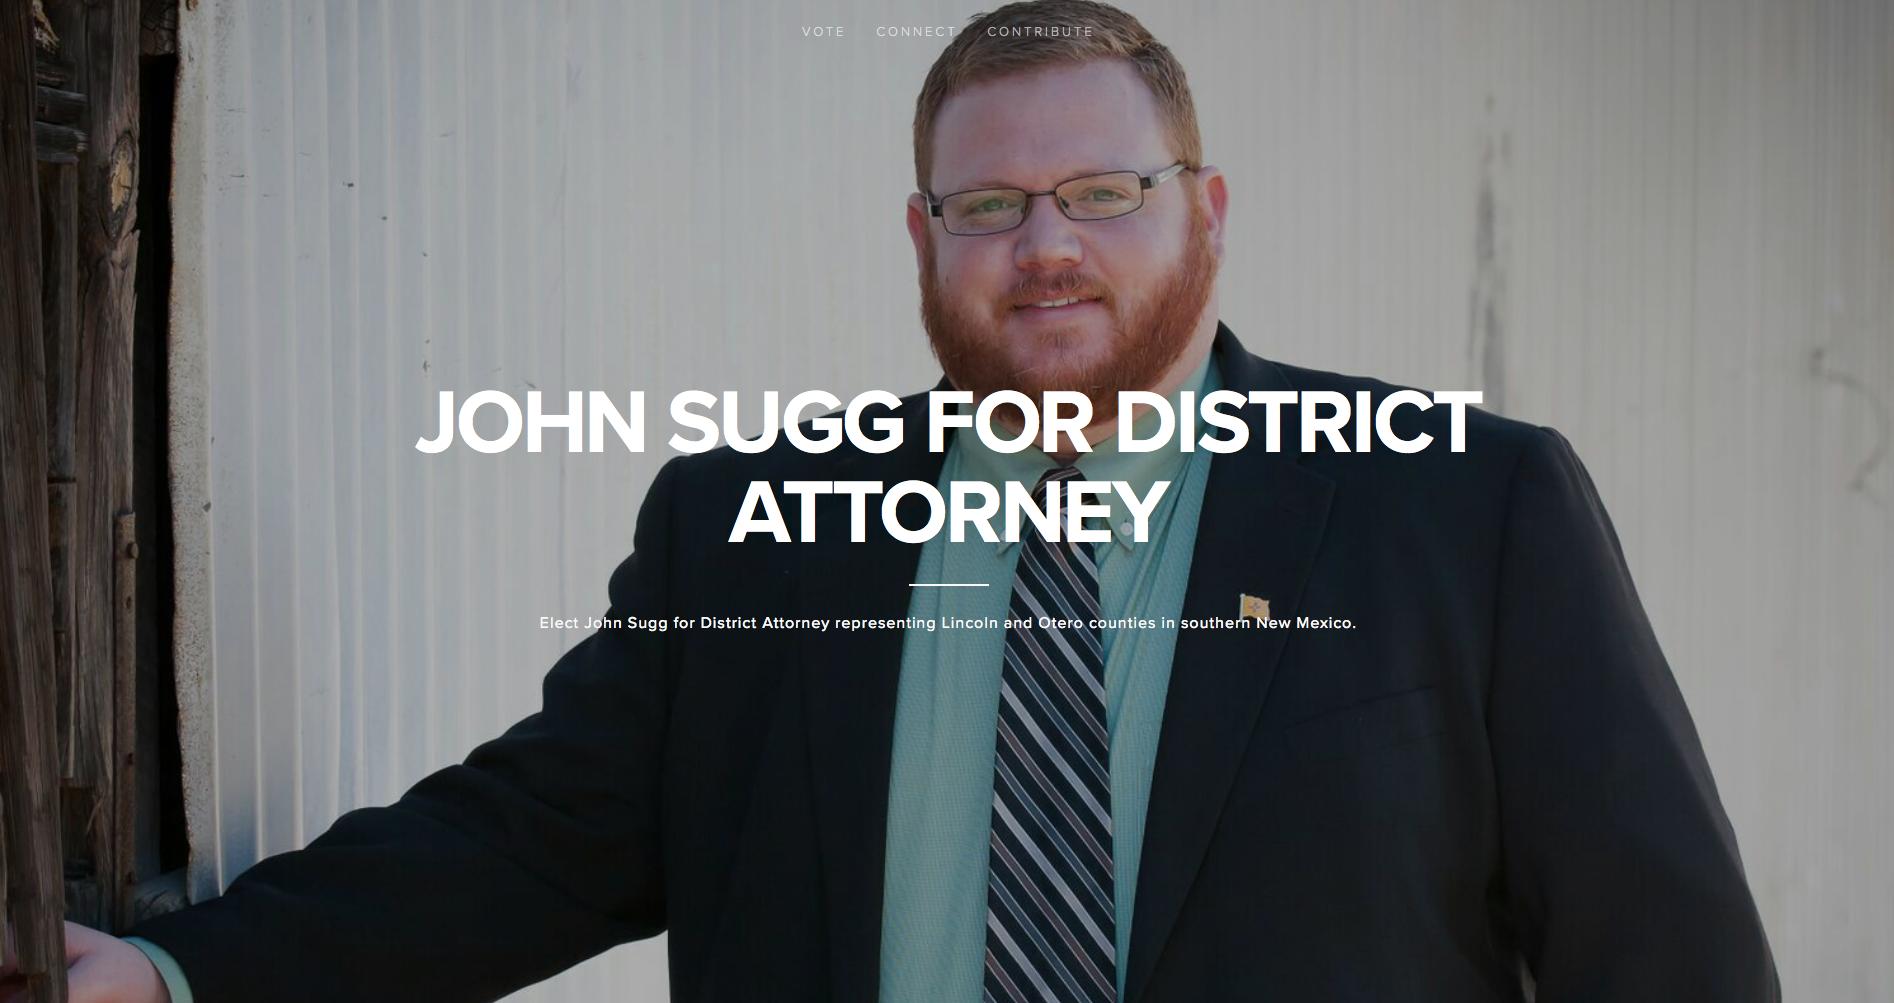 JohnSuggforDA.com